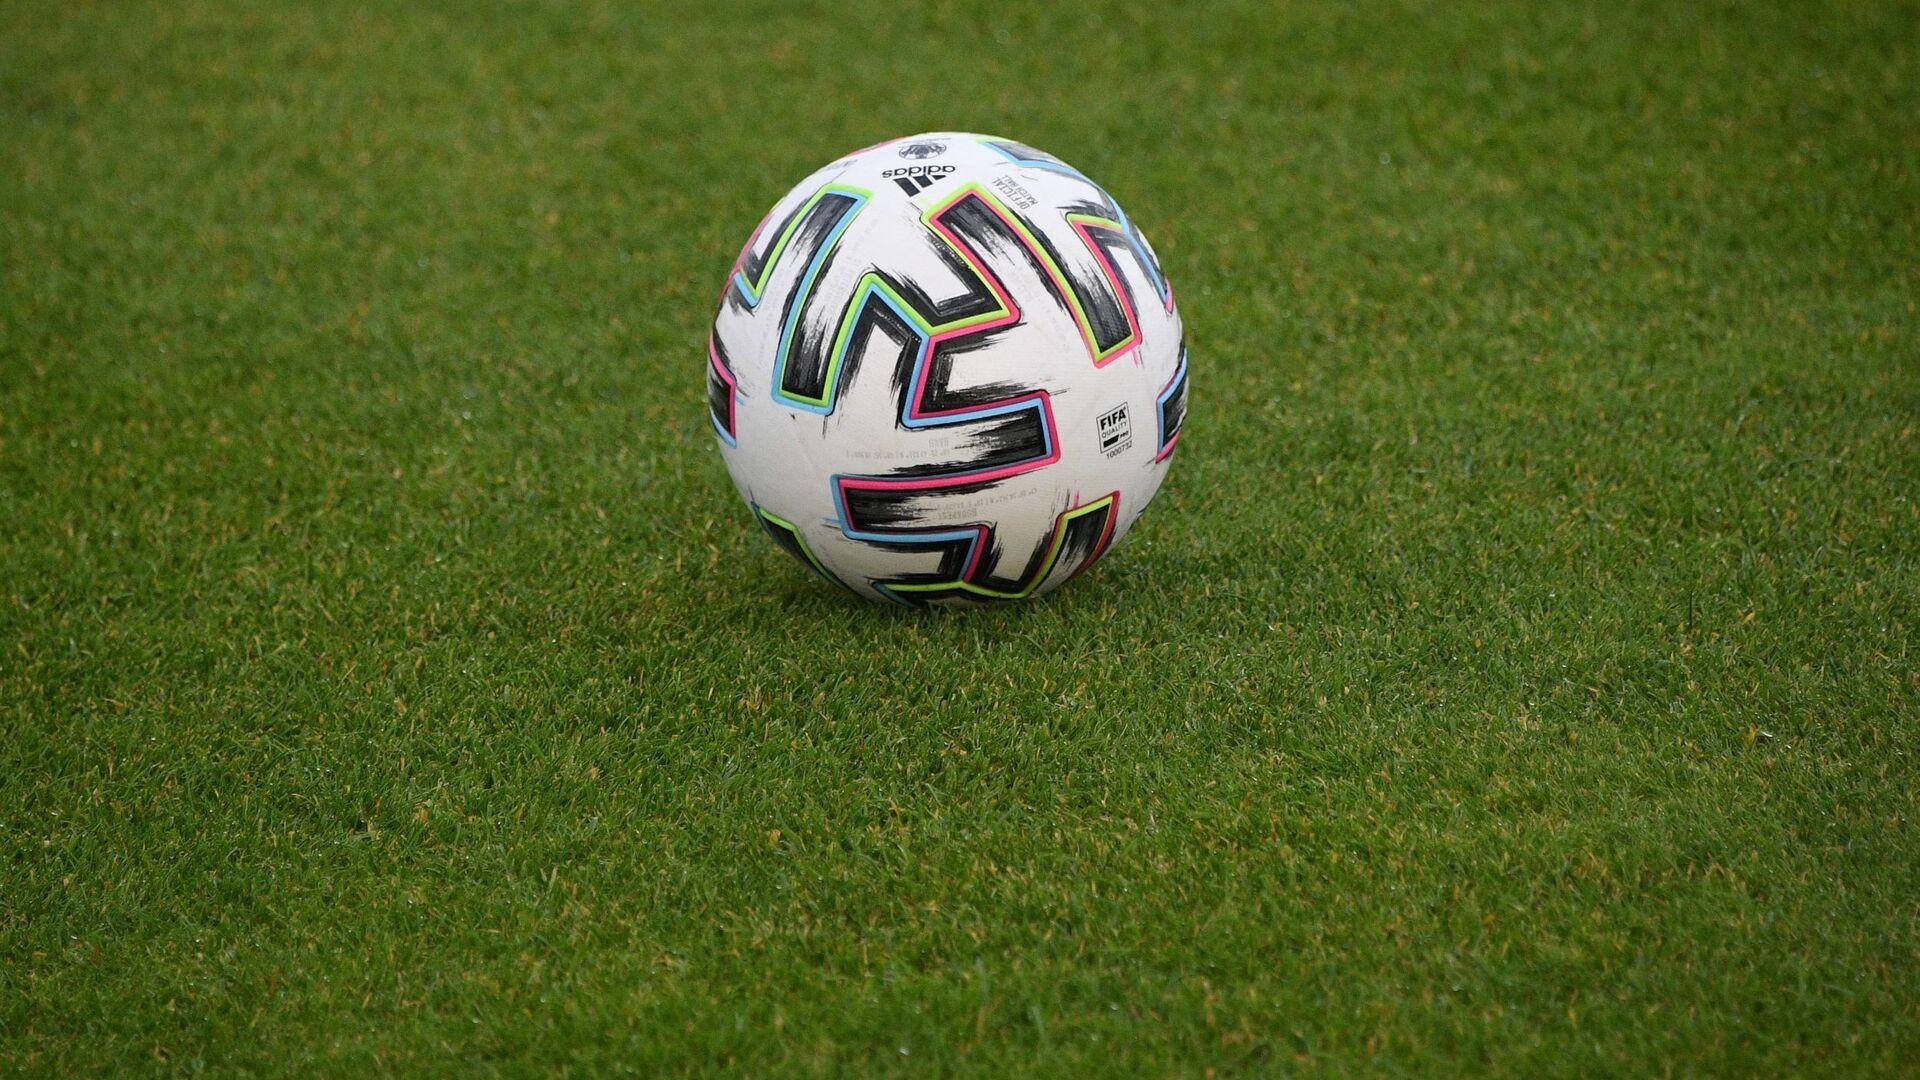 Футбольный мяч  - Sputnik Беларусь, 1920, 24.05.2021